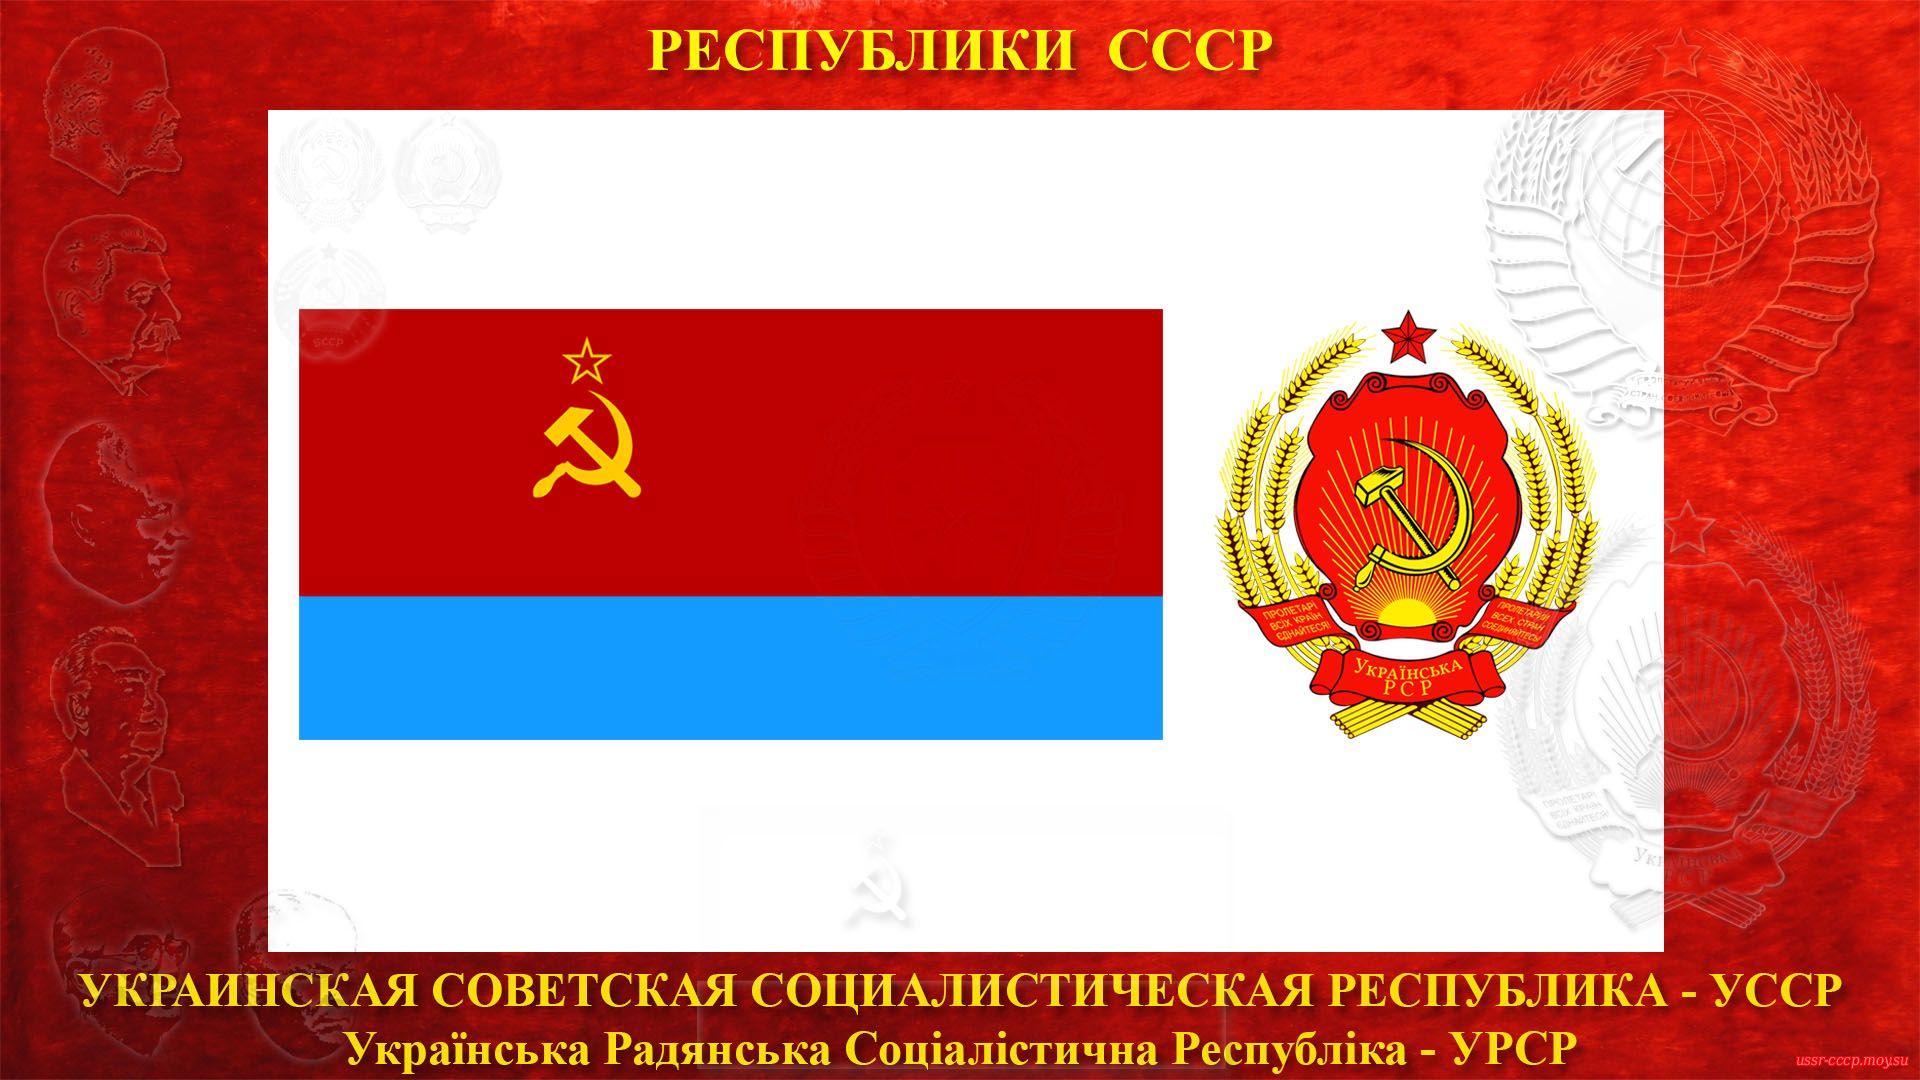 УССР — Украинская Советская Социалистическая Республика (30.12.1922 — де-юре)